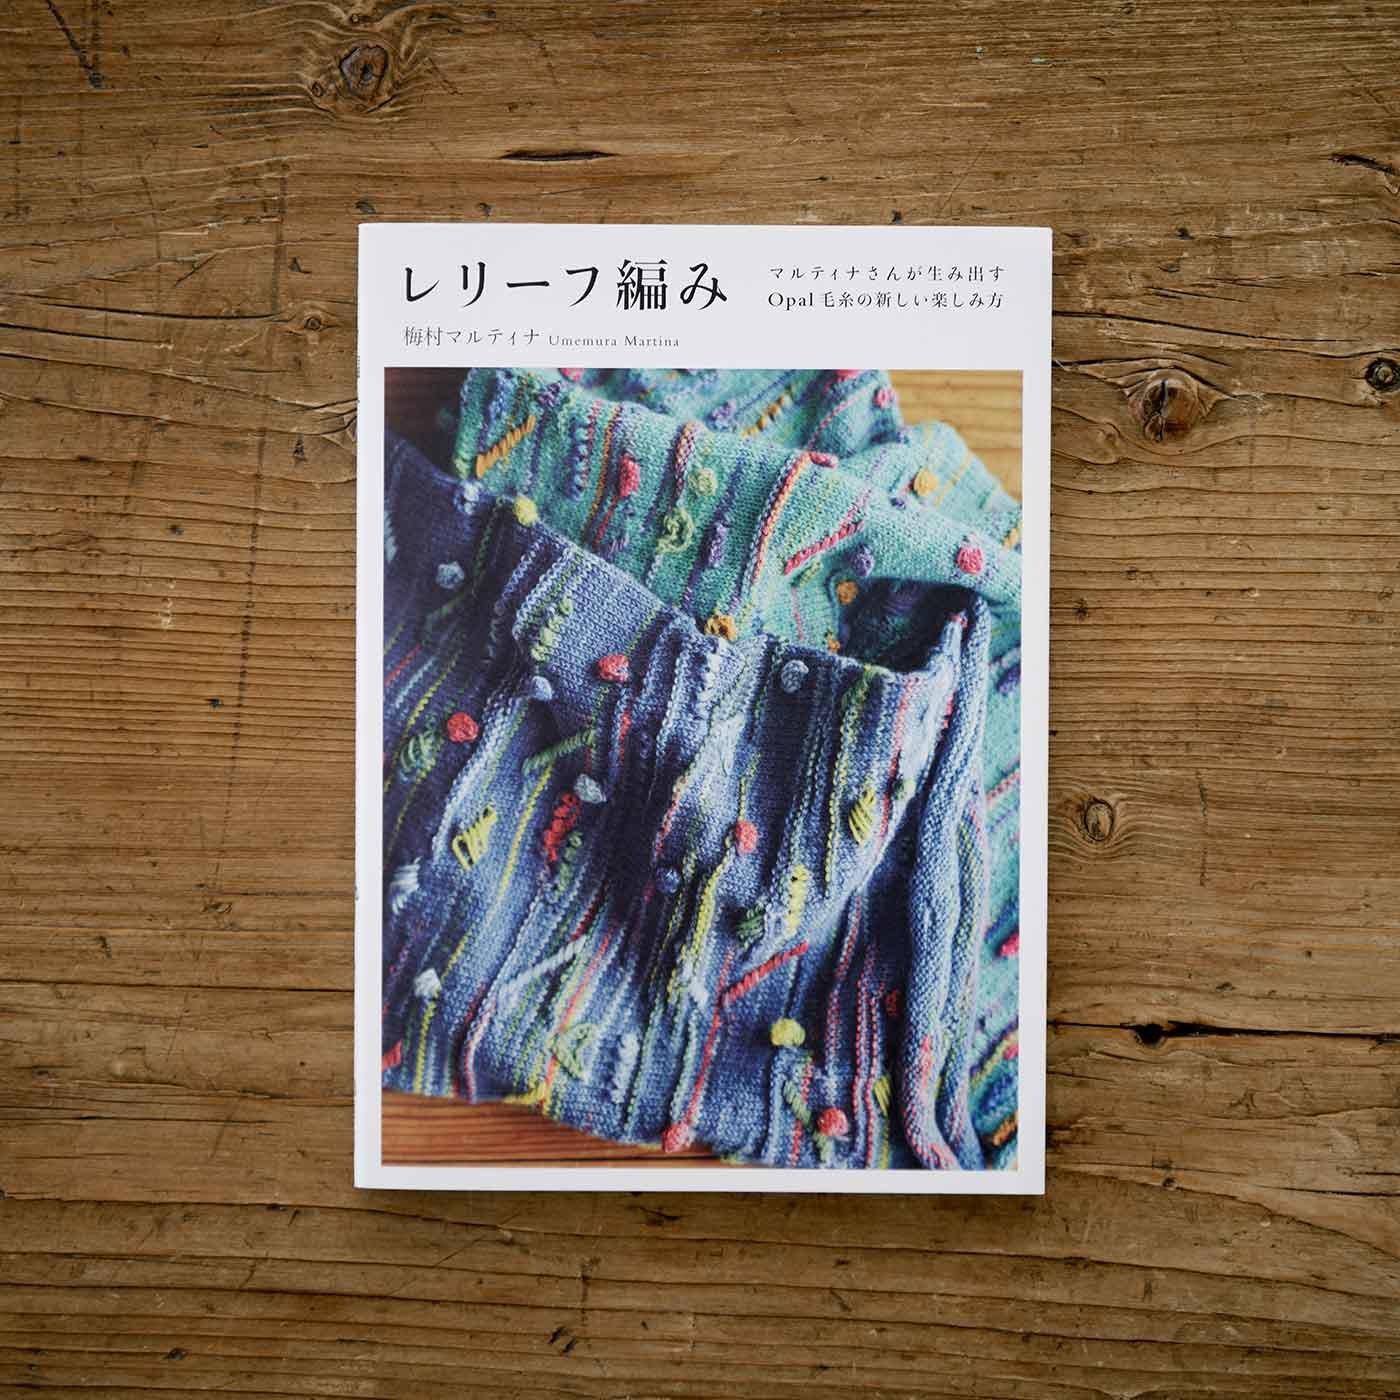 オパール毛糸を楽しむ本 「レリーフ編み」